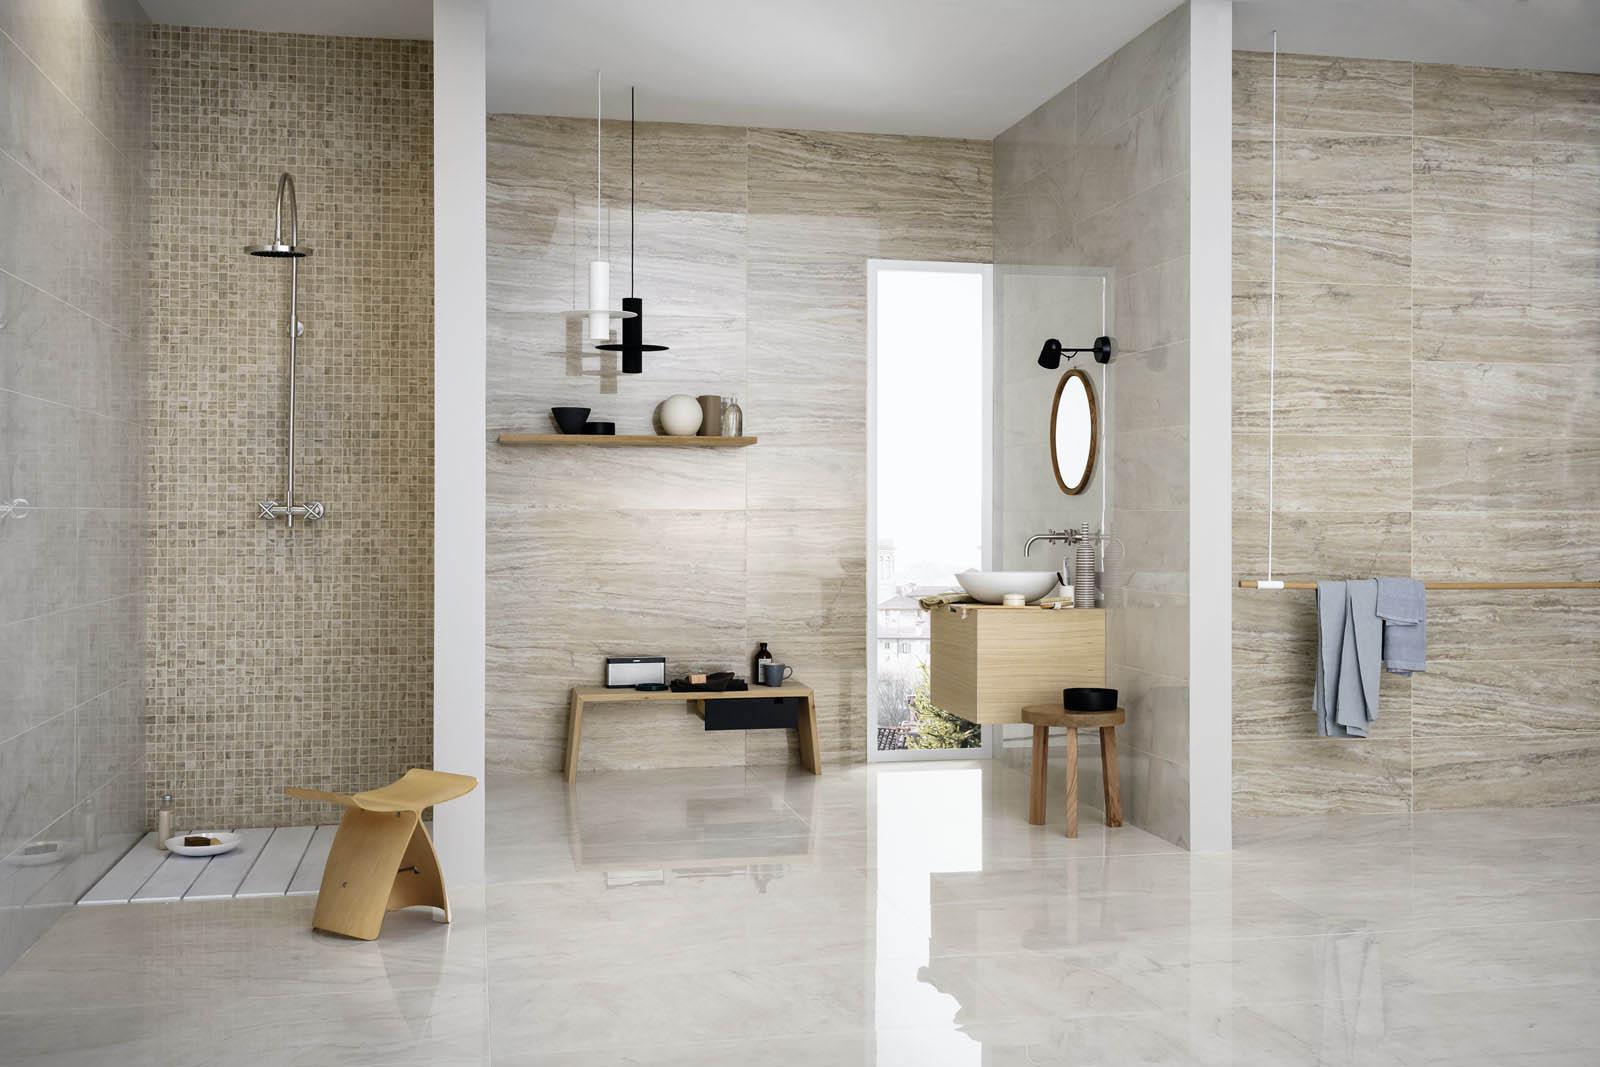 Pavimenti E Piastrelle.Mattonelle Per Il Bagno Idee E Soluzioni In Ceramica E Gres